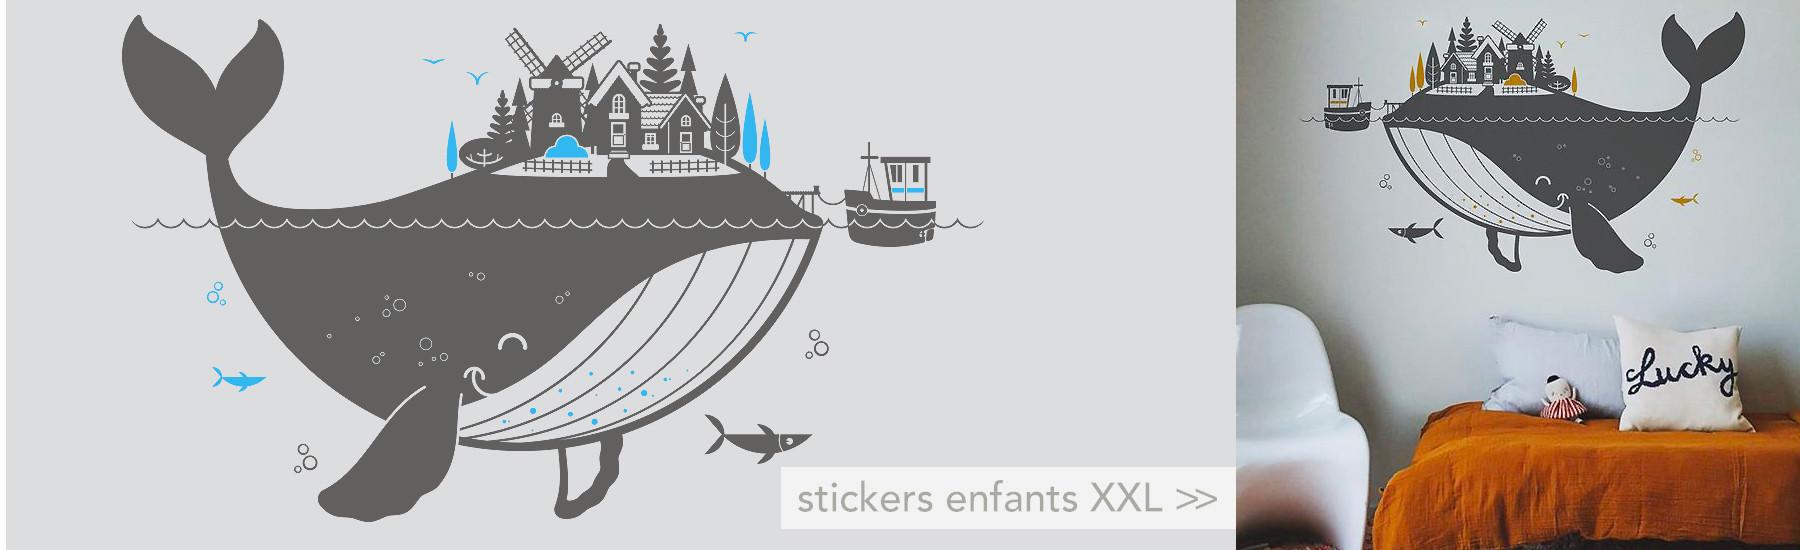 stickers enfant baleine XXL, décoration murale chambre bébé